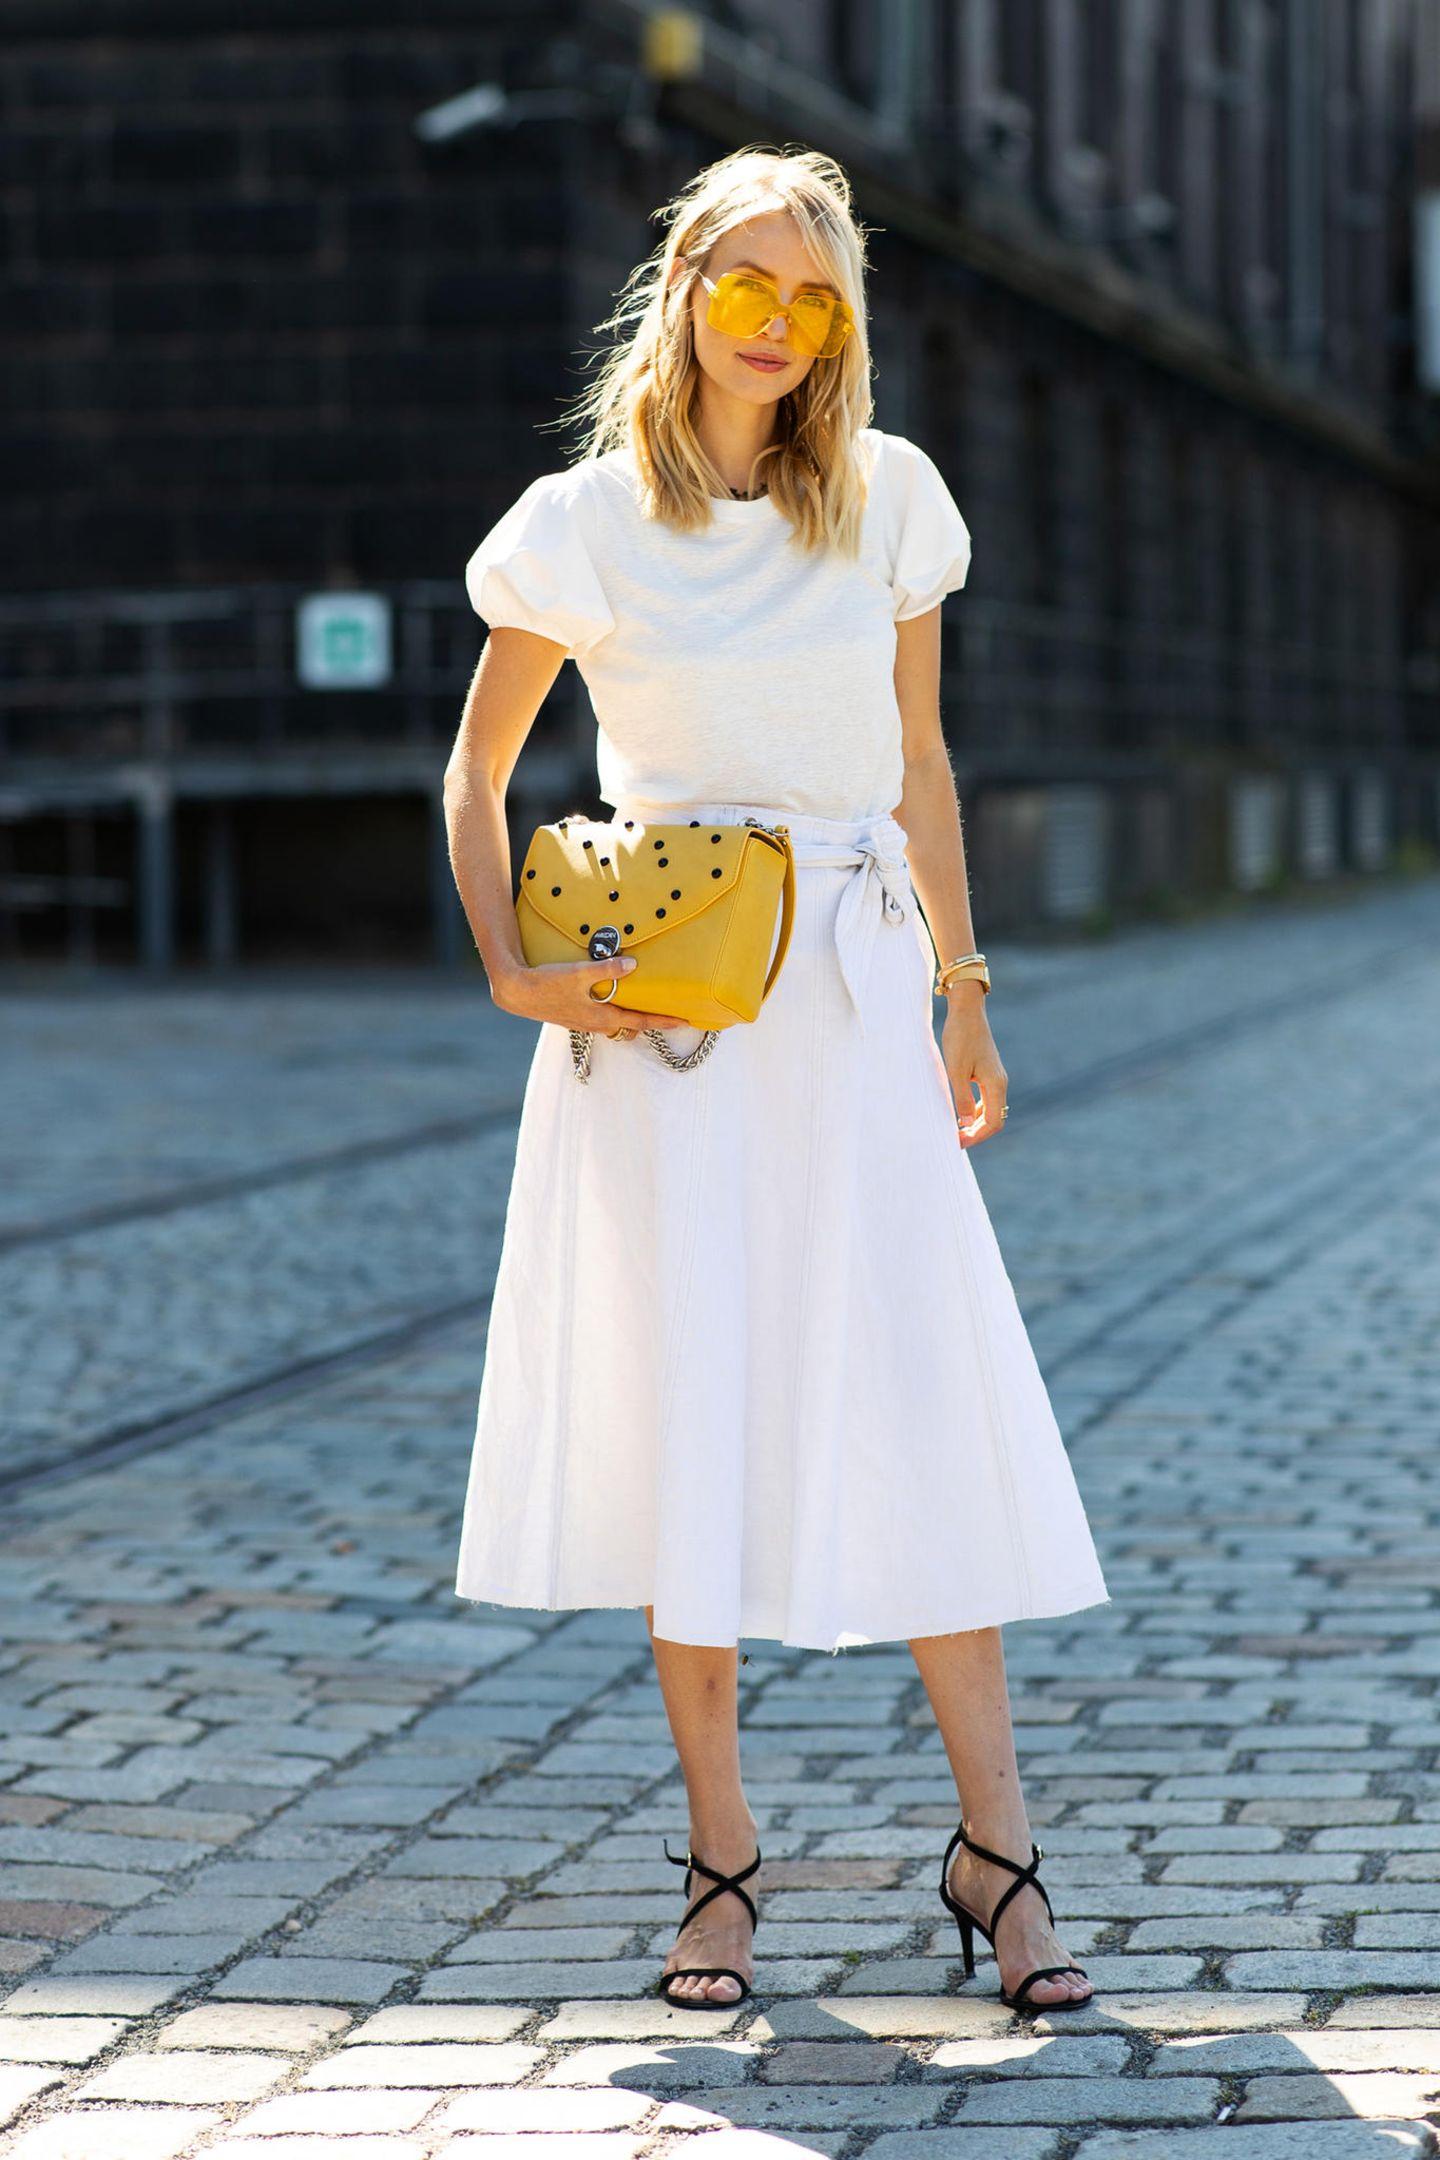 Akzente setzen: Bloggerin Leonie Hanne strahlt mit ihren gelben Accessoires mit der Sonne um die Wette. Zum All-White-Look kombiniert sie eine coole It-Bag von Marc Cain mit einer farblich passenden Sonnenbrille.